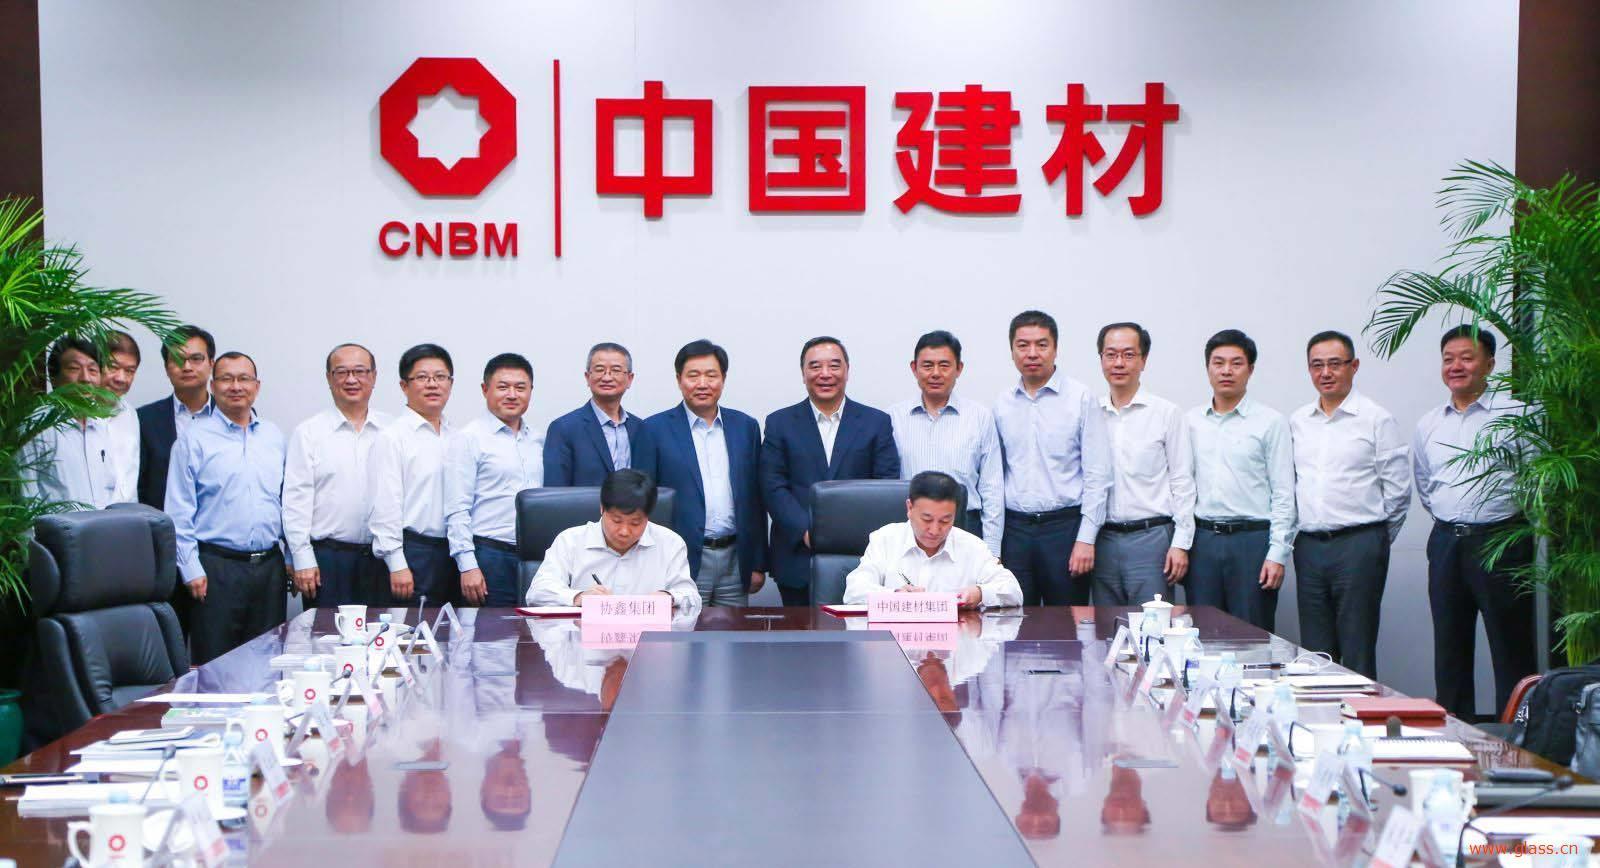 福建漳州市政府牵手中建材开展新玻璃、新材料、新能源产业合作